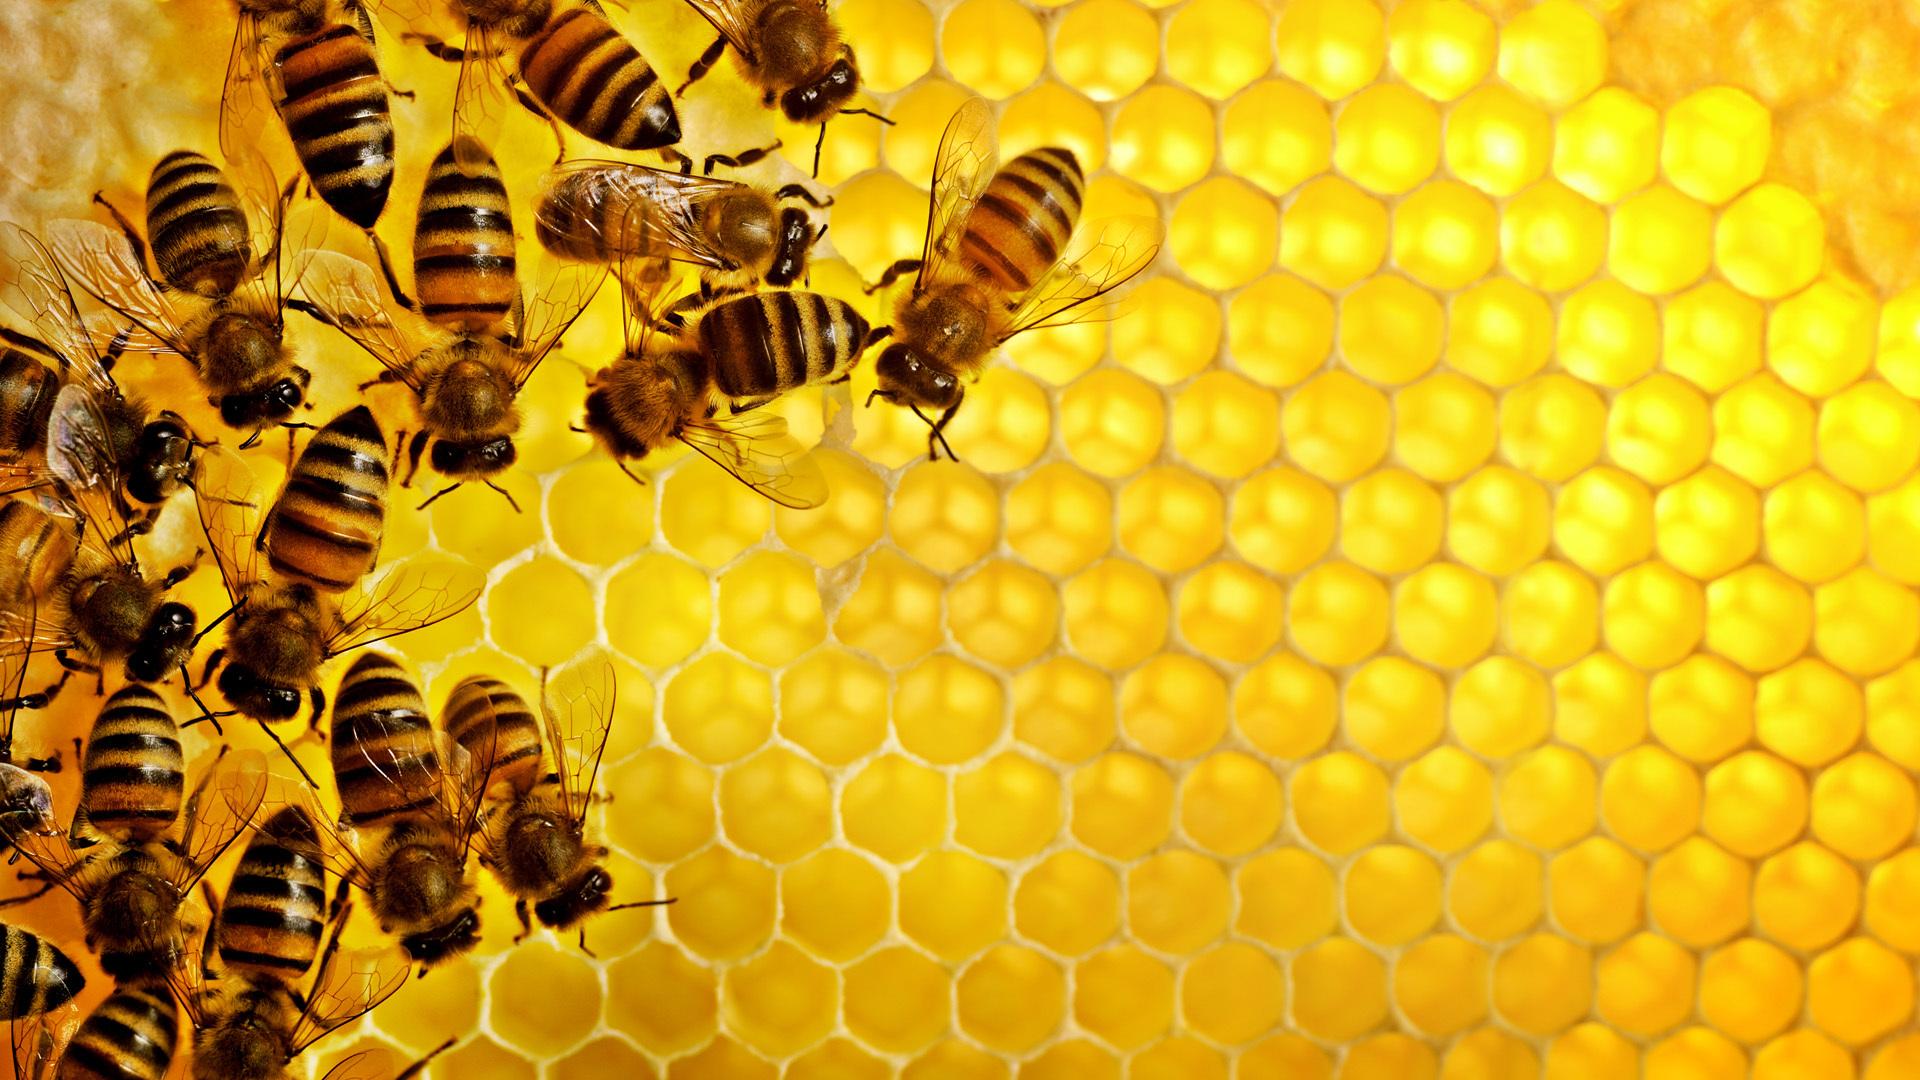 38413 скачать обои Насекомые, Пчелы - заставки и картинки бесплатно